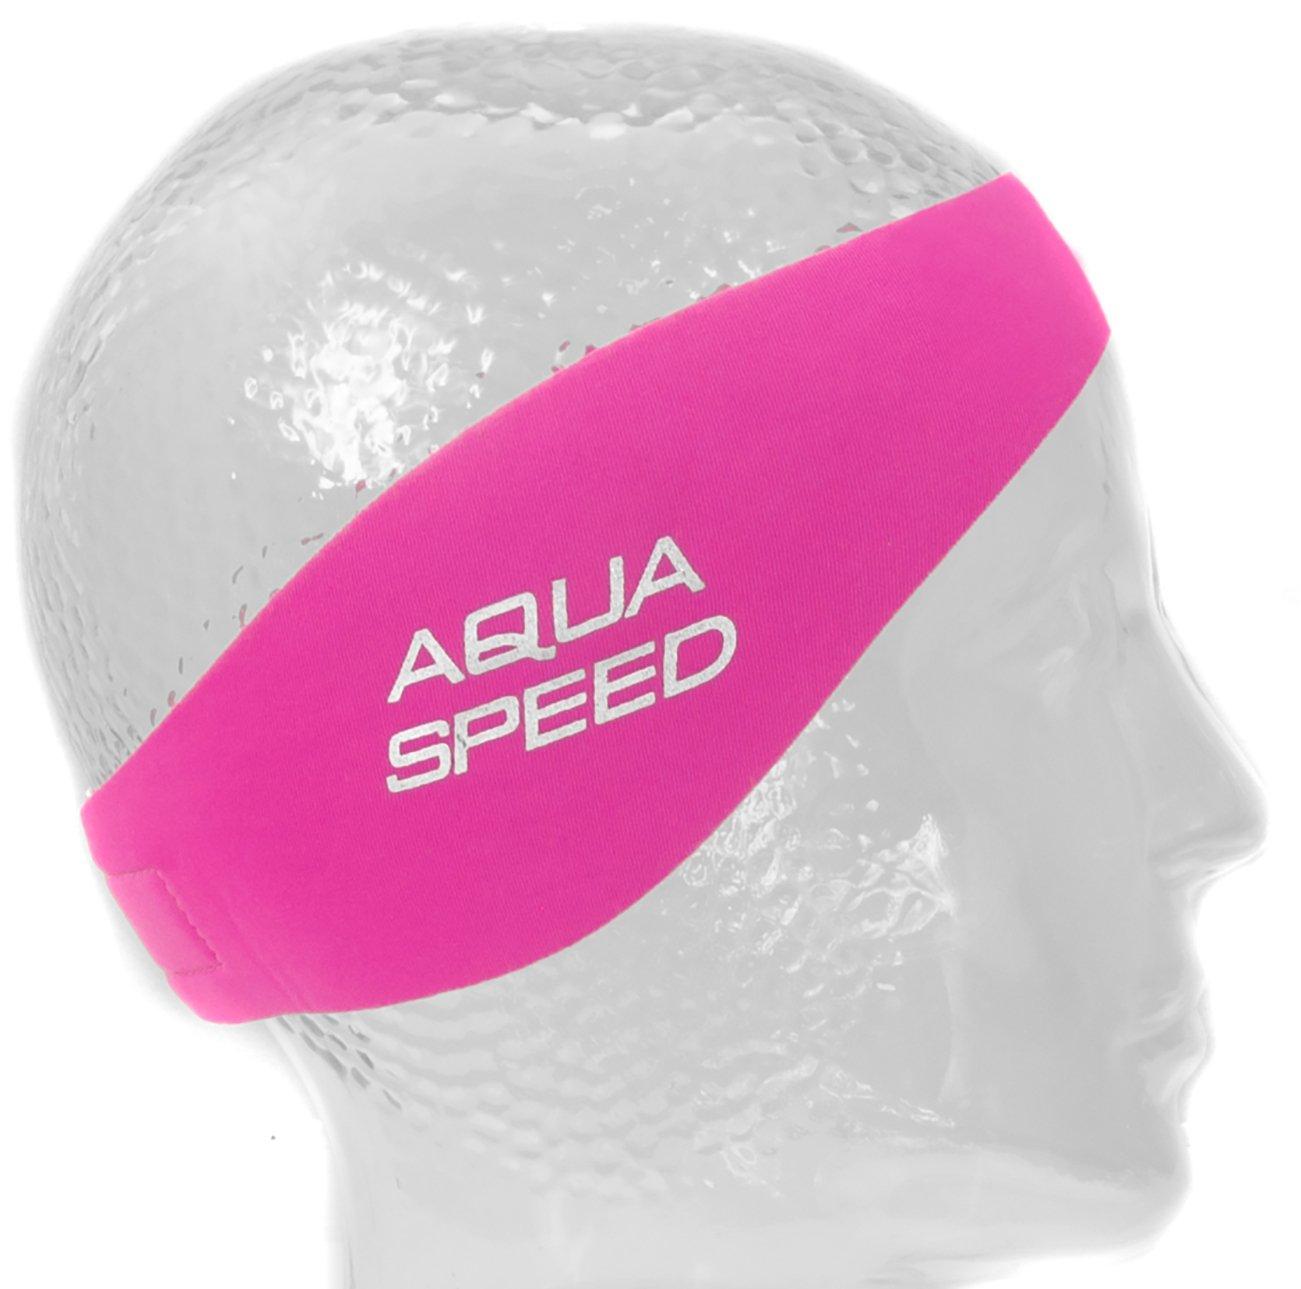 Ni/ños Aqua Speed EARBAND//EARBAND JR Banda para la Cabeza Cinta de los O/ídos Neopreno Nataci/ón Banda para el Cabello Adultos